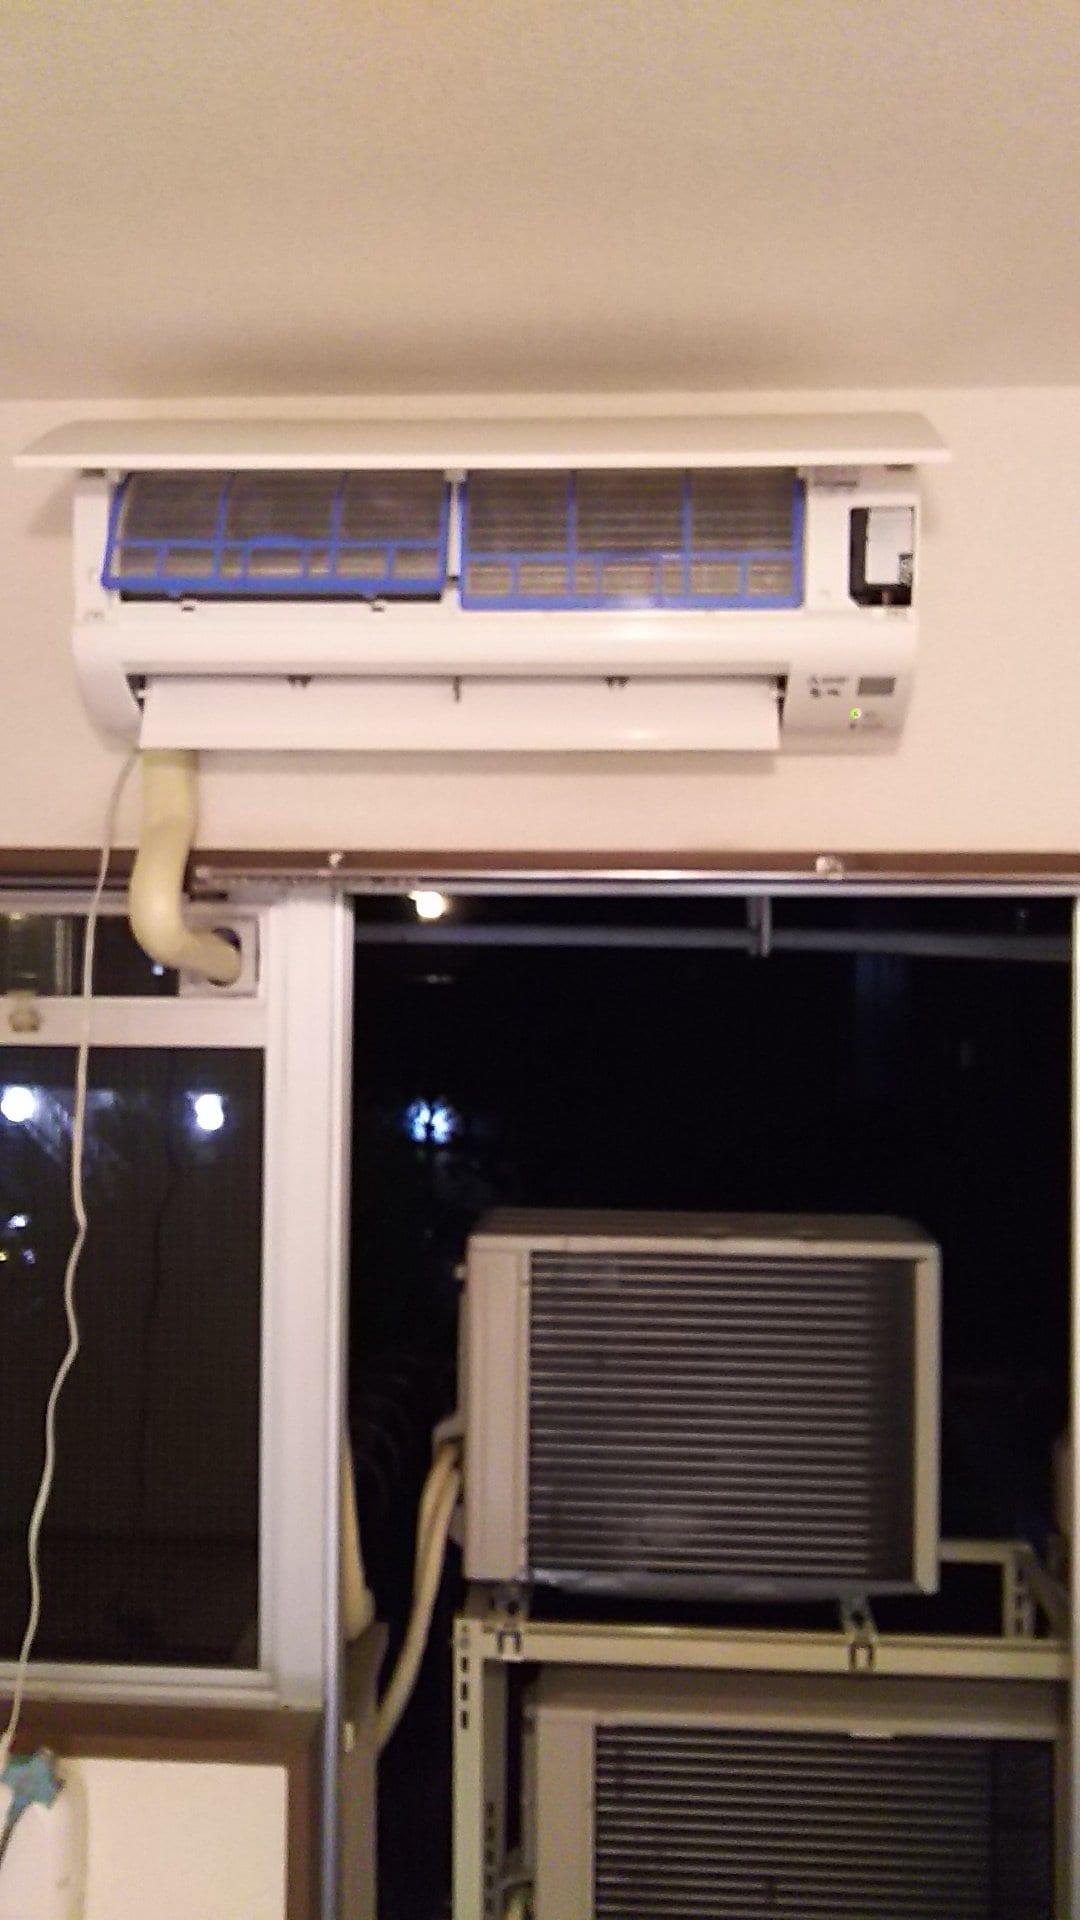 オンライン相談 【全国対応可】エアコン修理やエアコン工事について。【相談実質無料】100pt還元【相談時間無制限】8〜20時事前予約制 エアコンの事なら何でもOK。業務用・家庭用・新築・リフォームのイメージその1